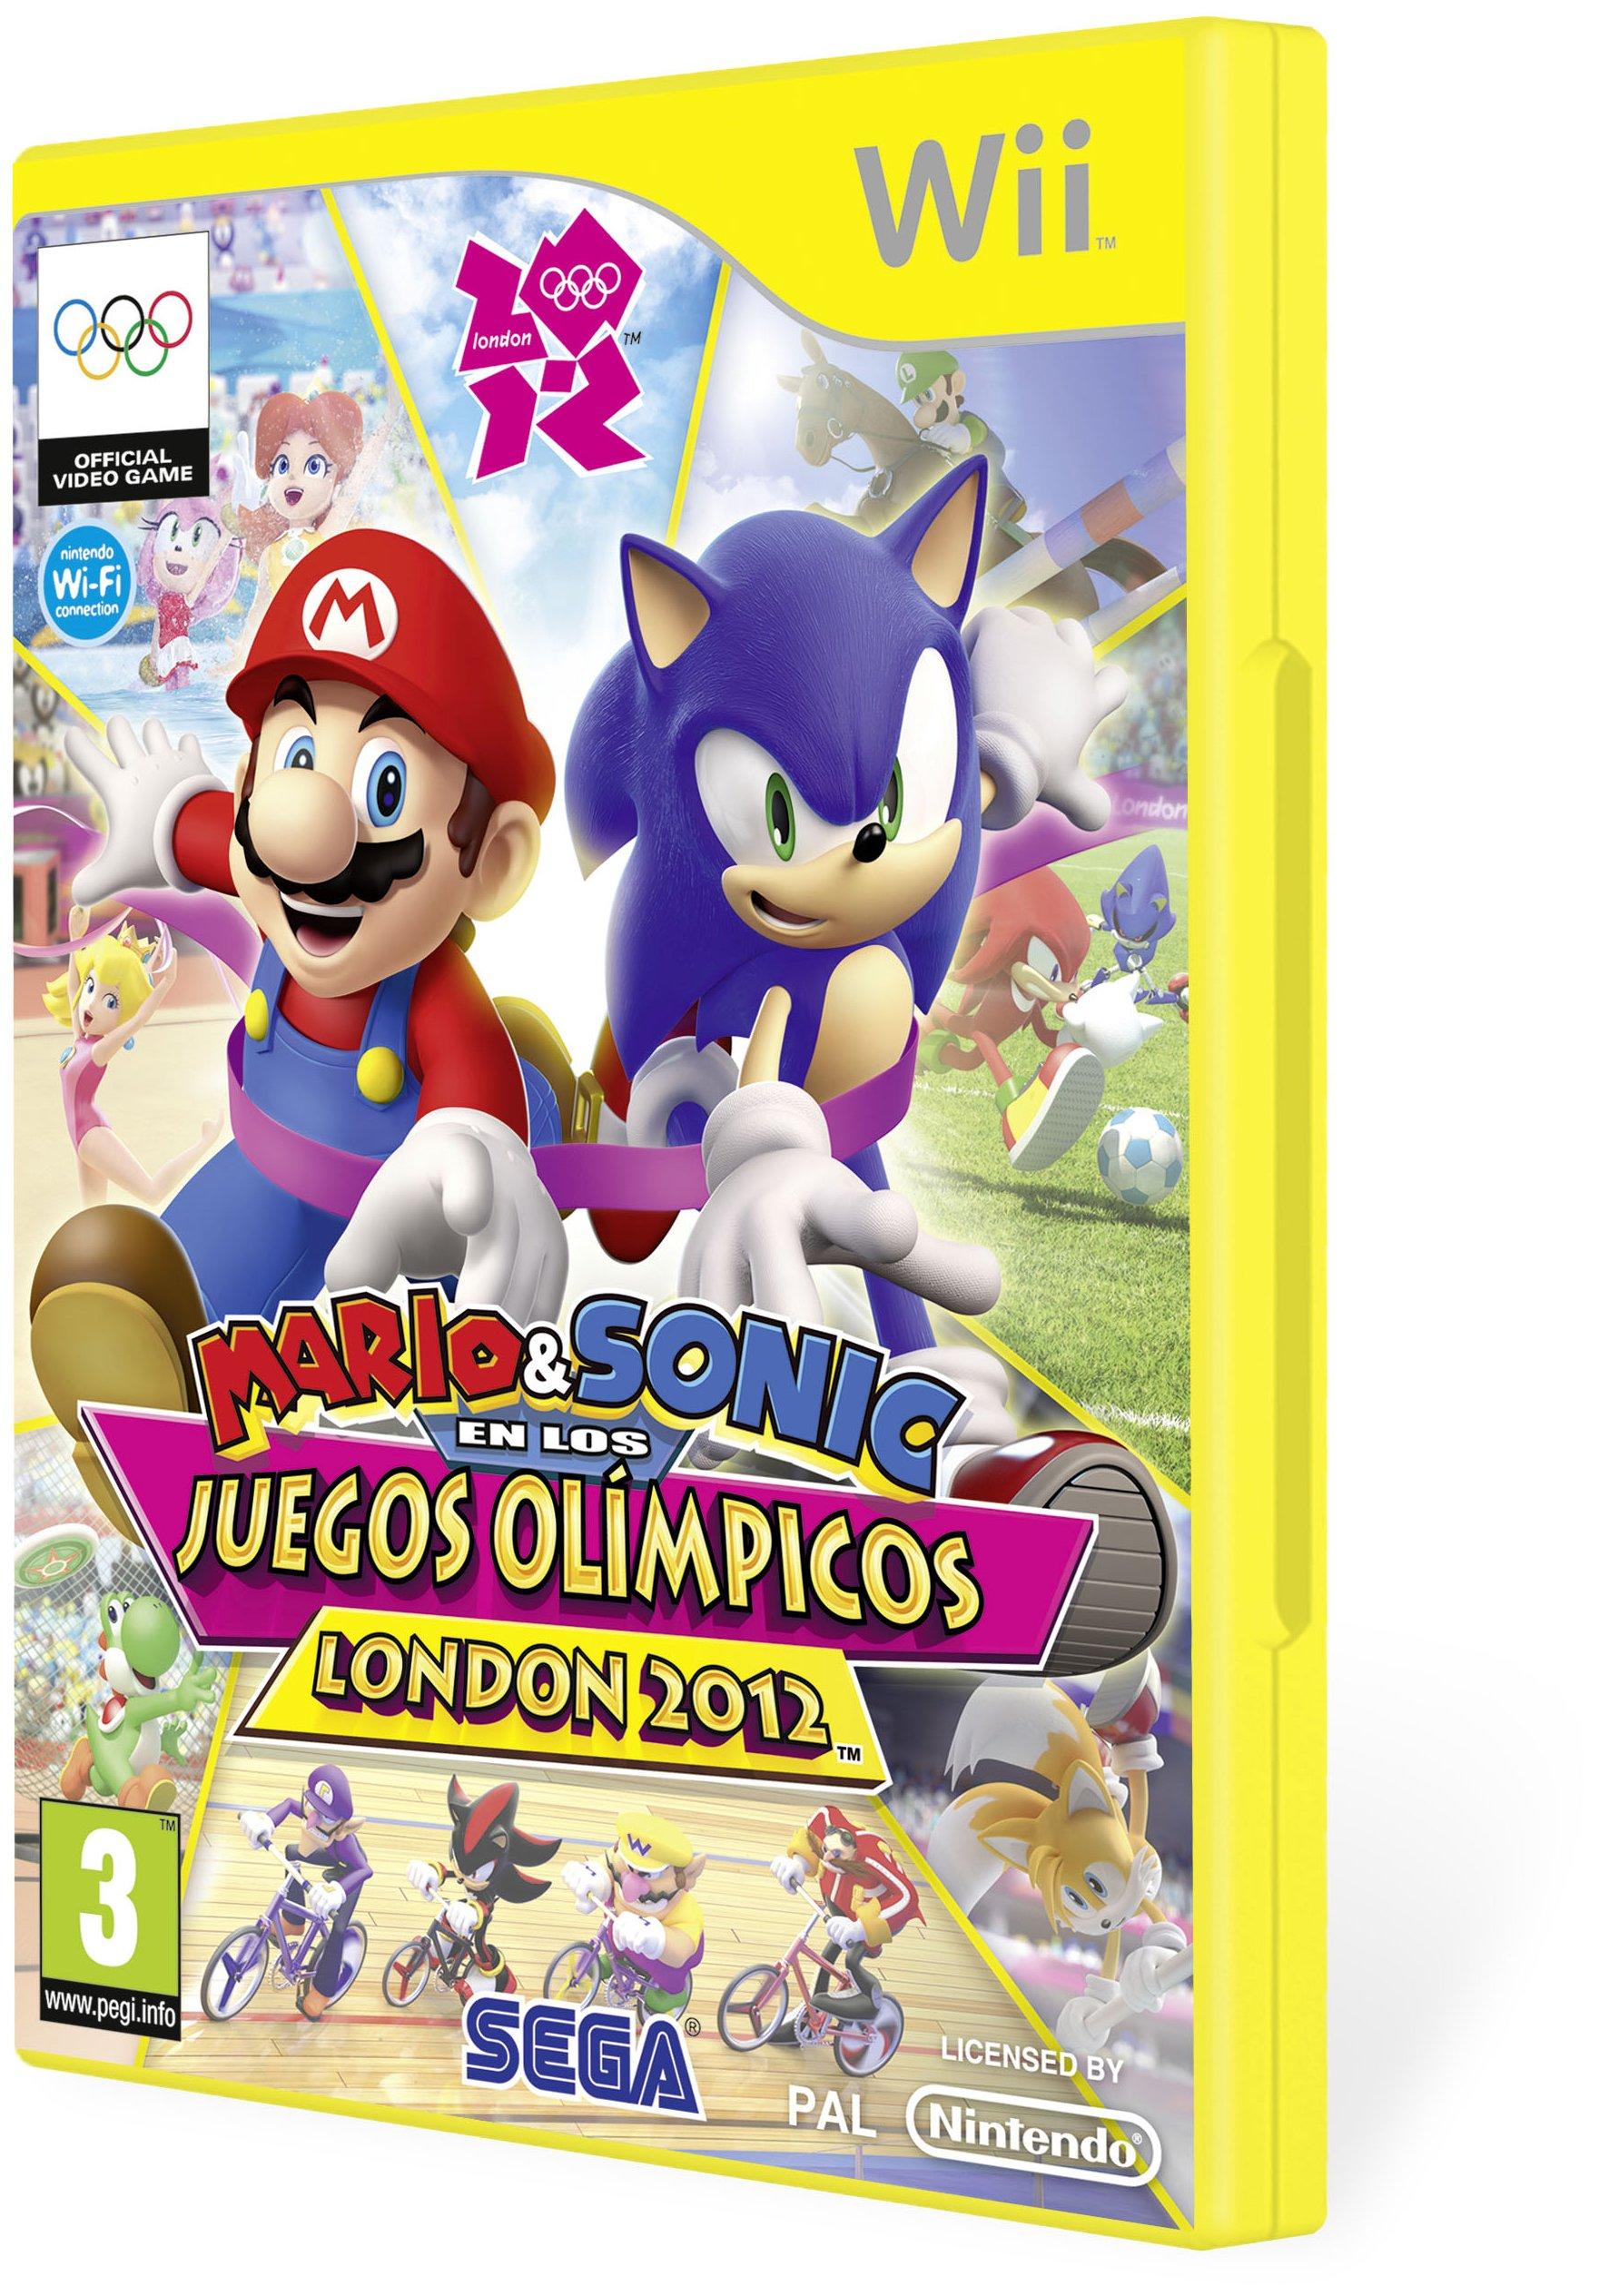 Mario&Sonic en los Juegos Olímpicos London 2012: Amazon.es: Videojuegos